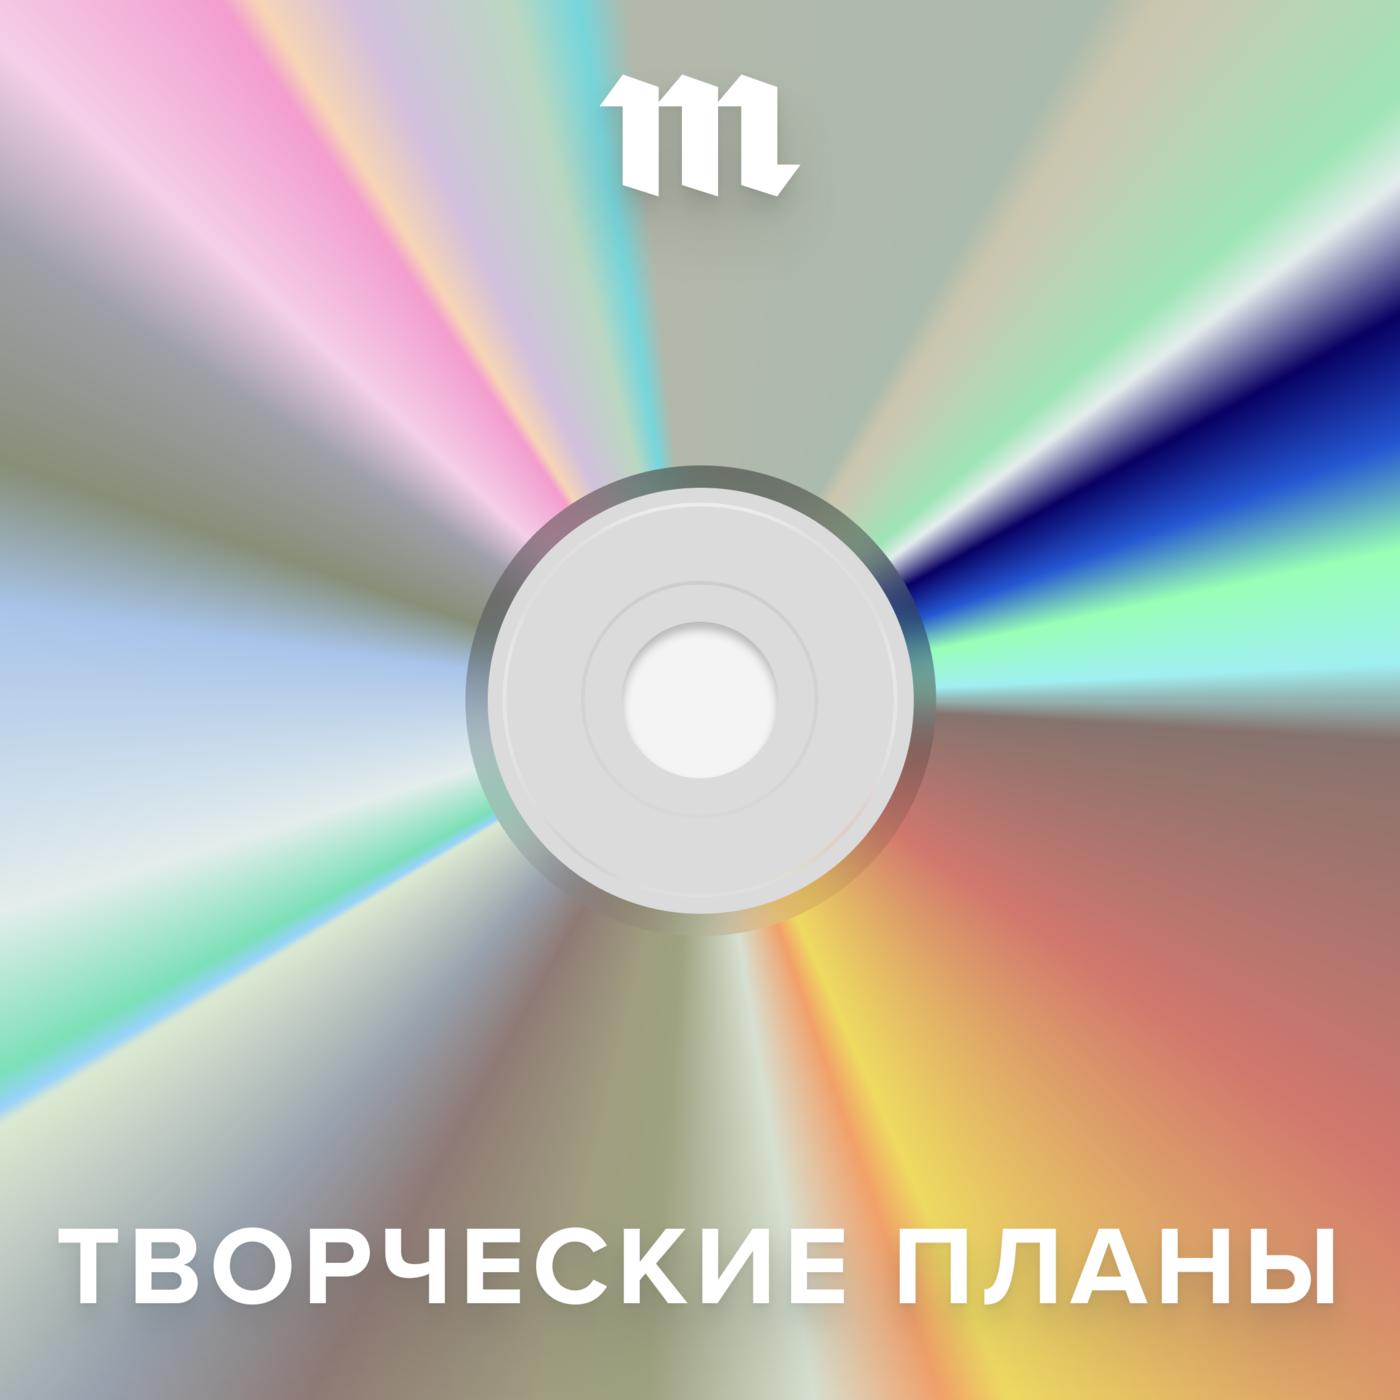 Купить книгу «Медуза» запускает подкаст «Творческие планы» — о новой музыке, автора Александра Филимонова